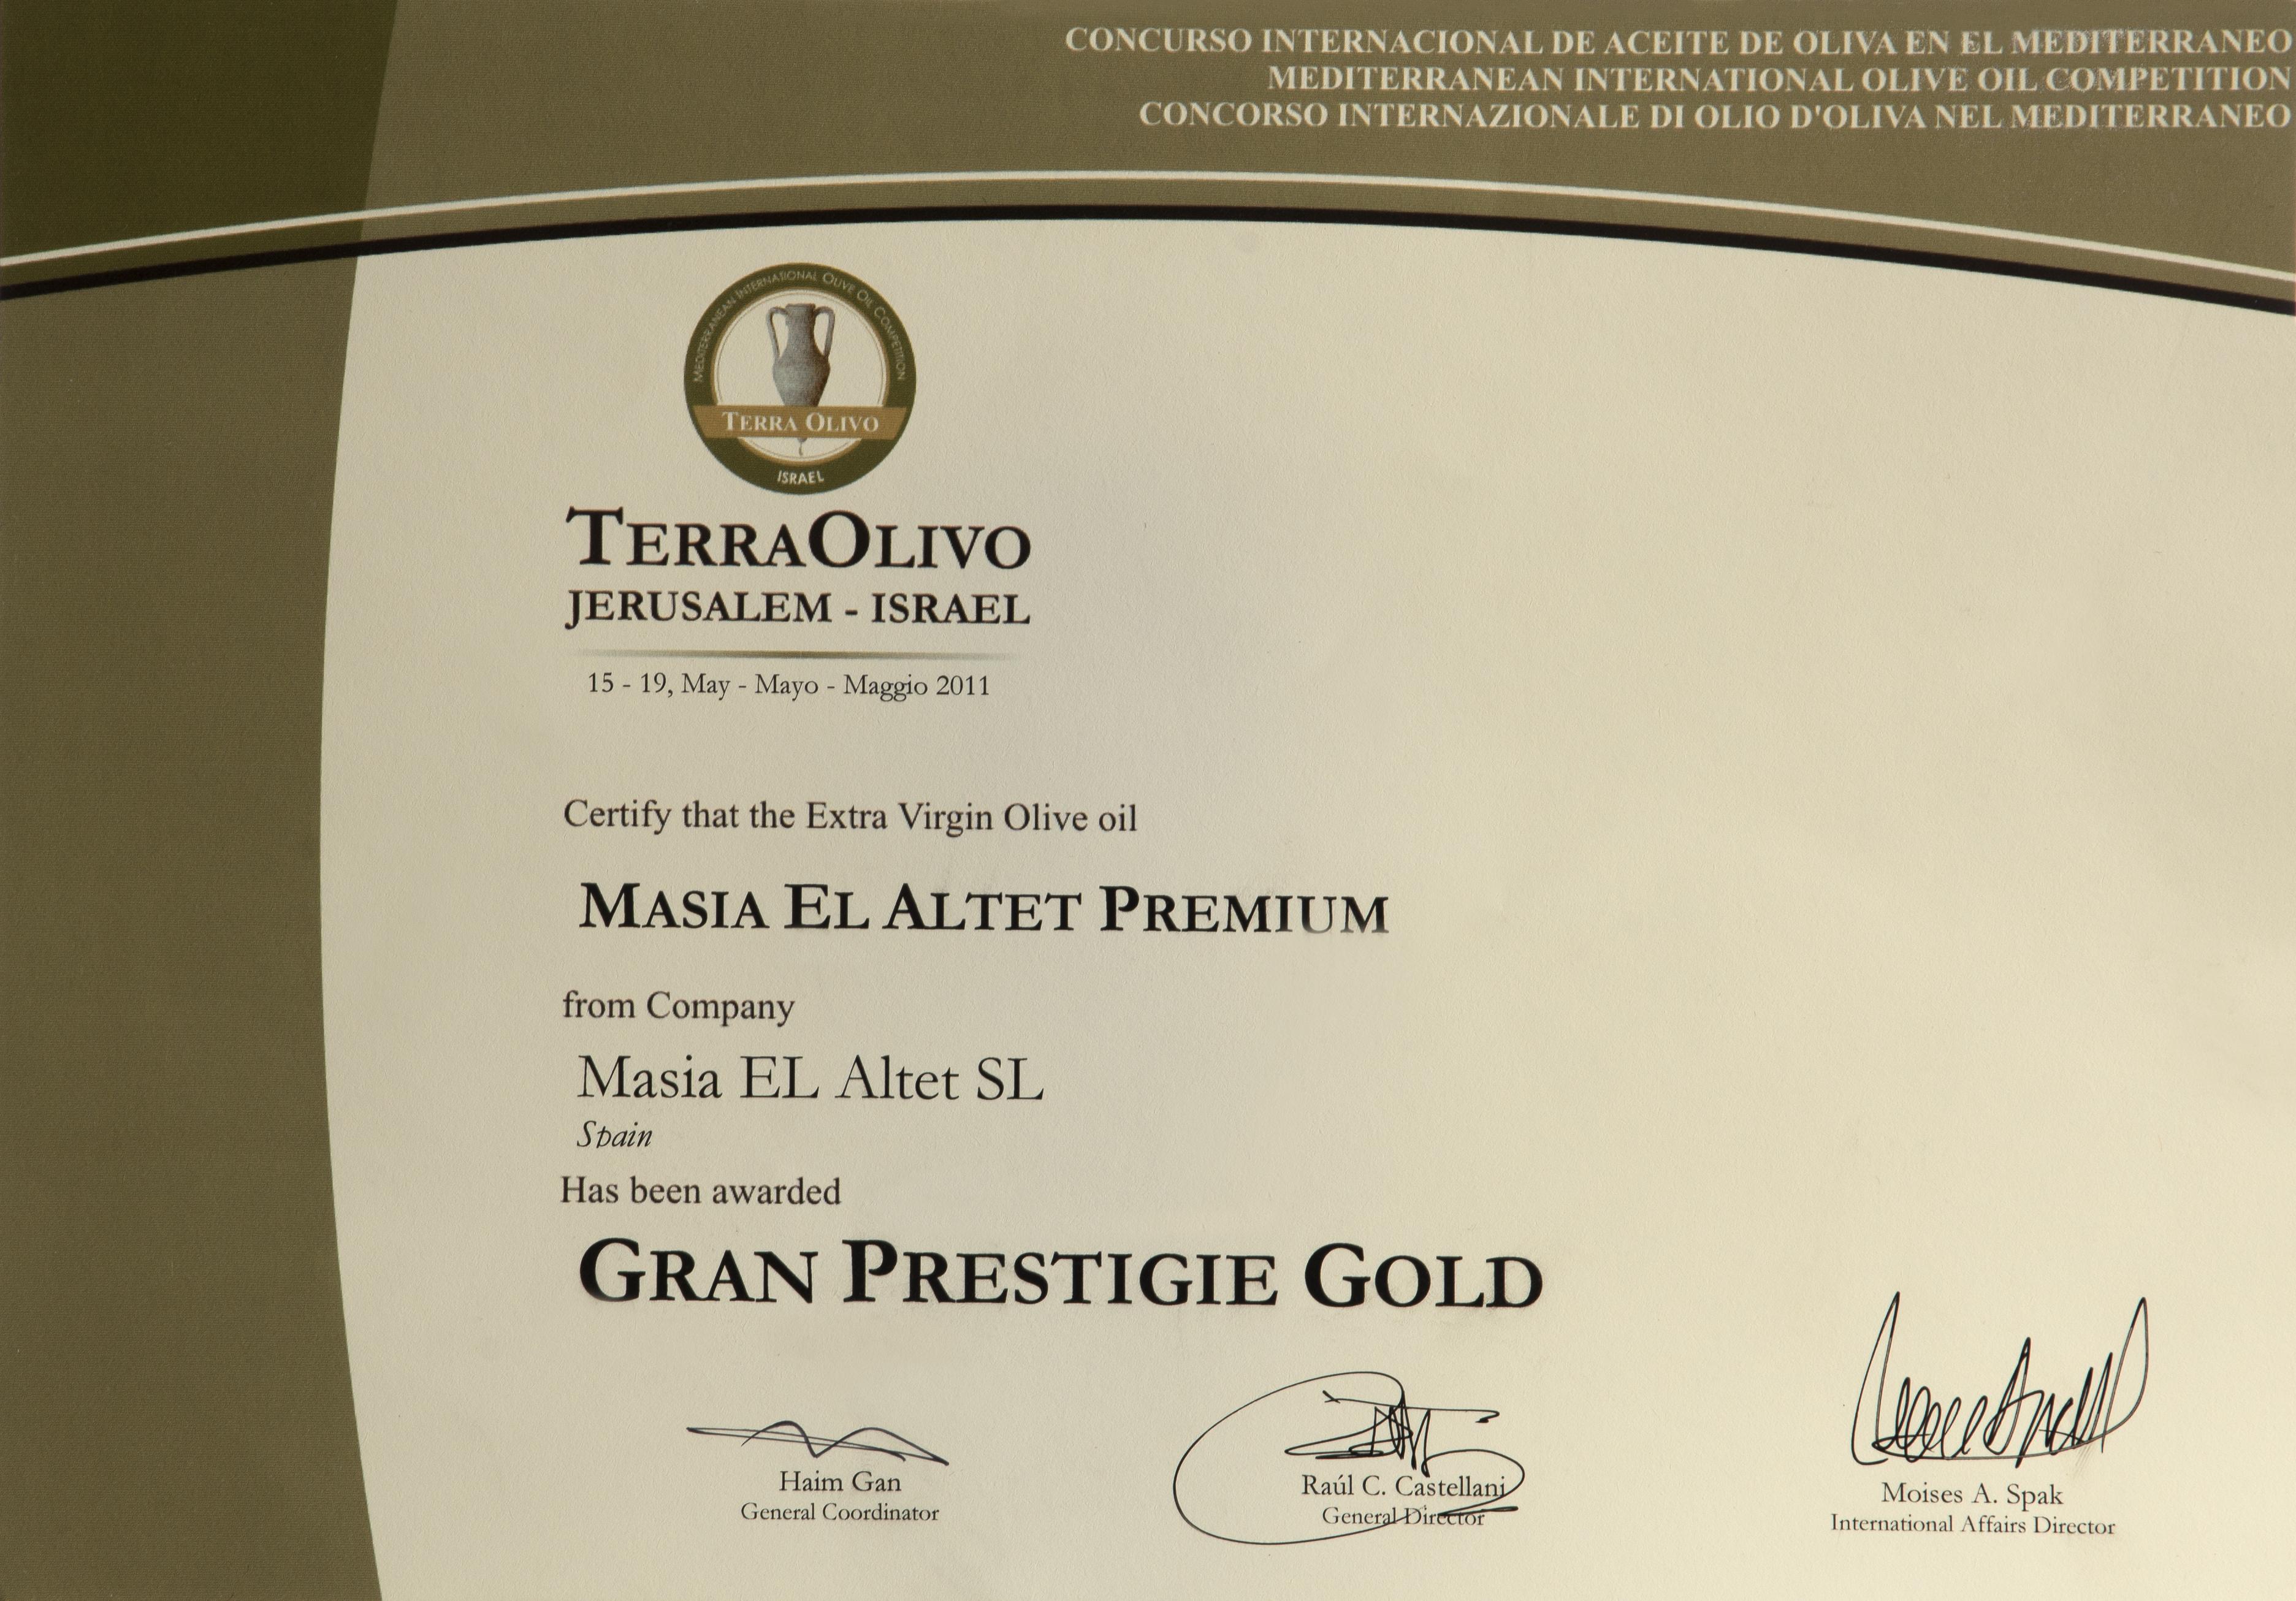 GRAND PRESTIGE GOLD Jersusalén